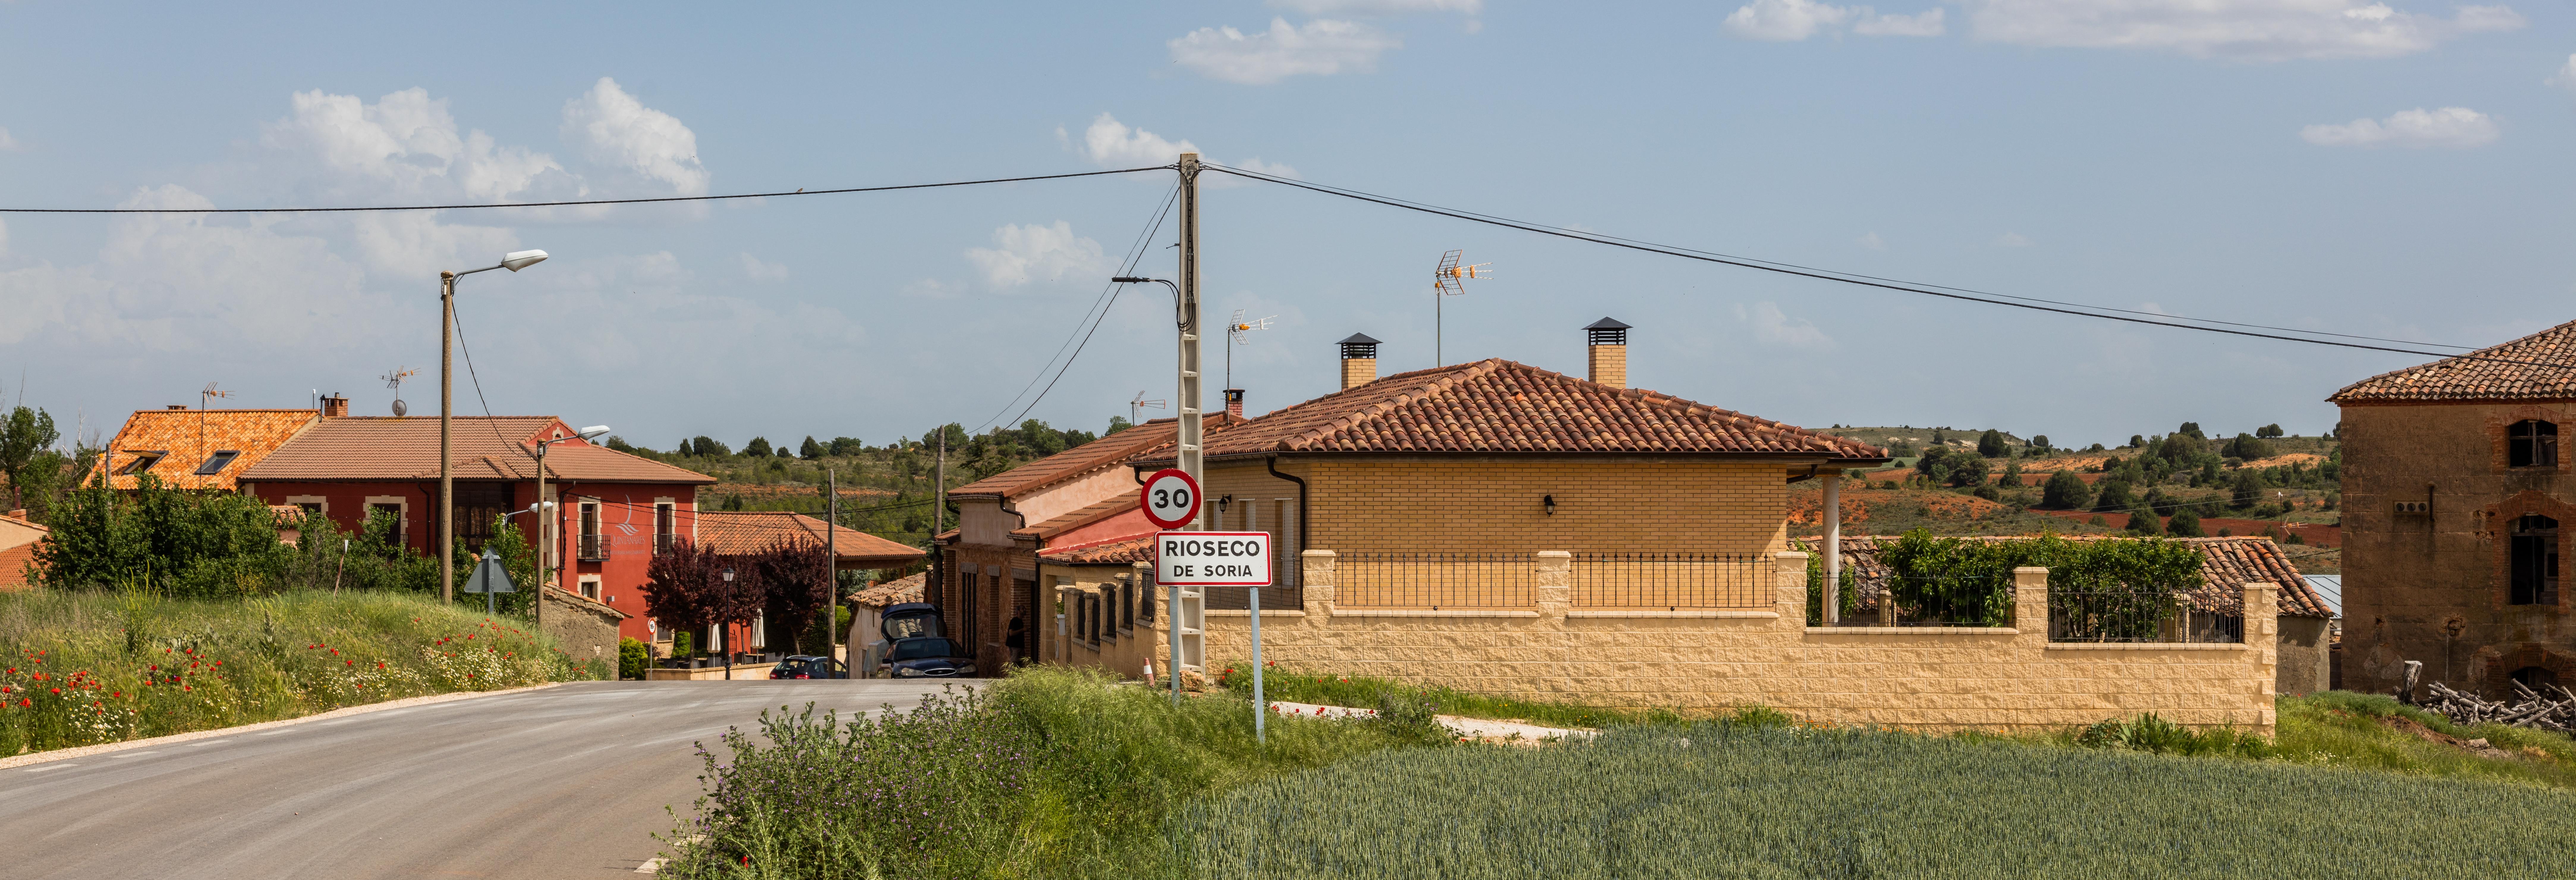 Rioseco de Soria